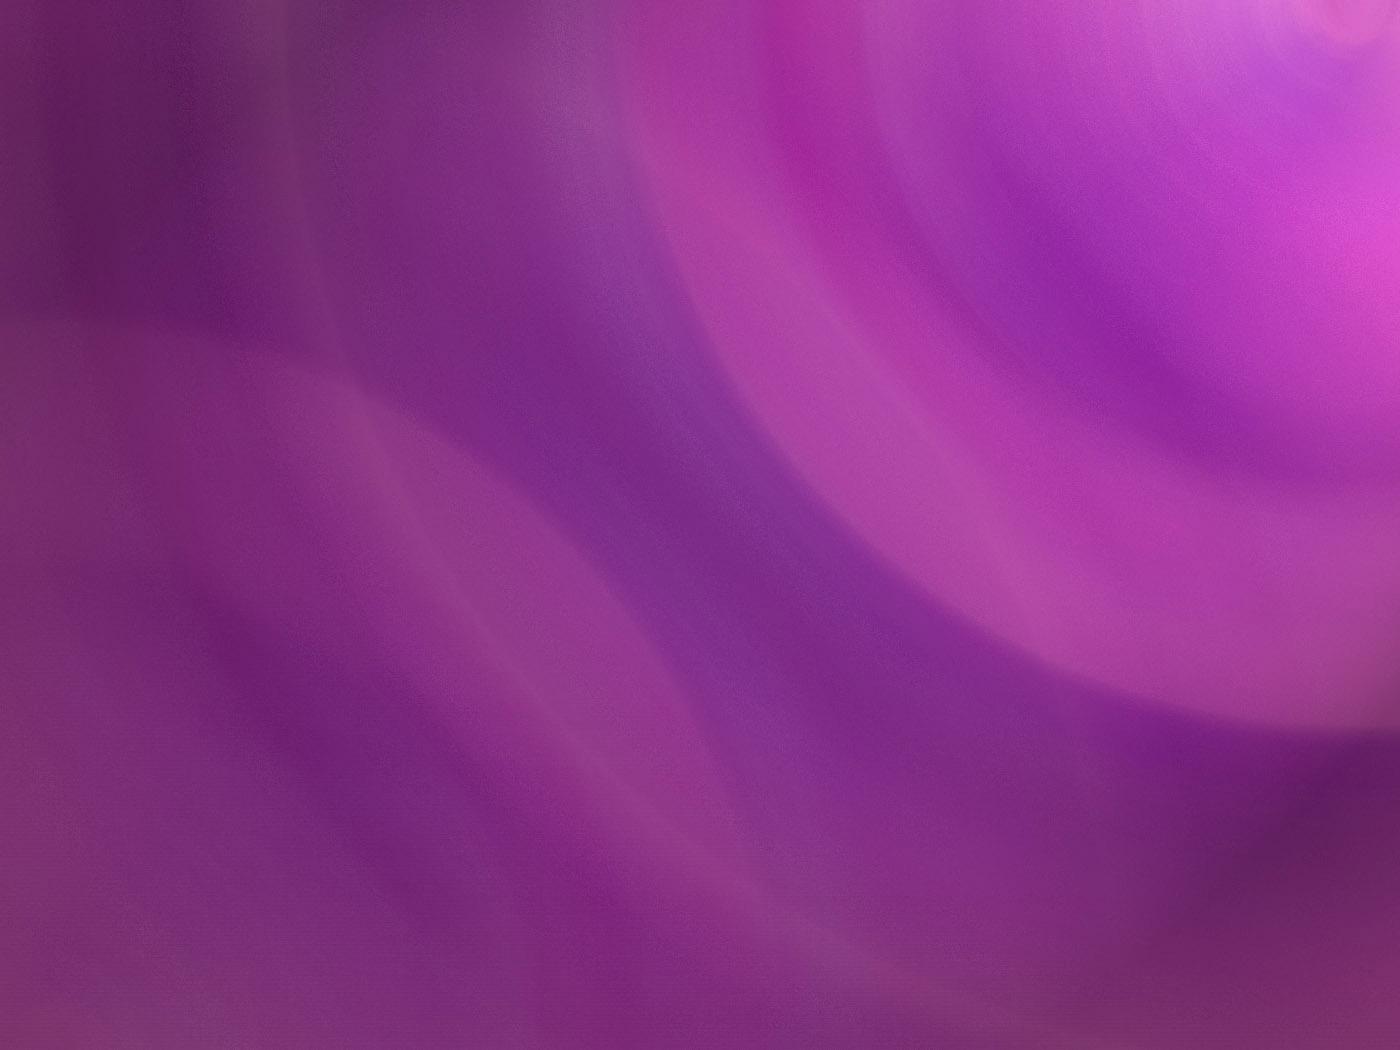 Violett, Lila - Hintergrundbilder kostenlos